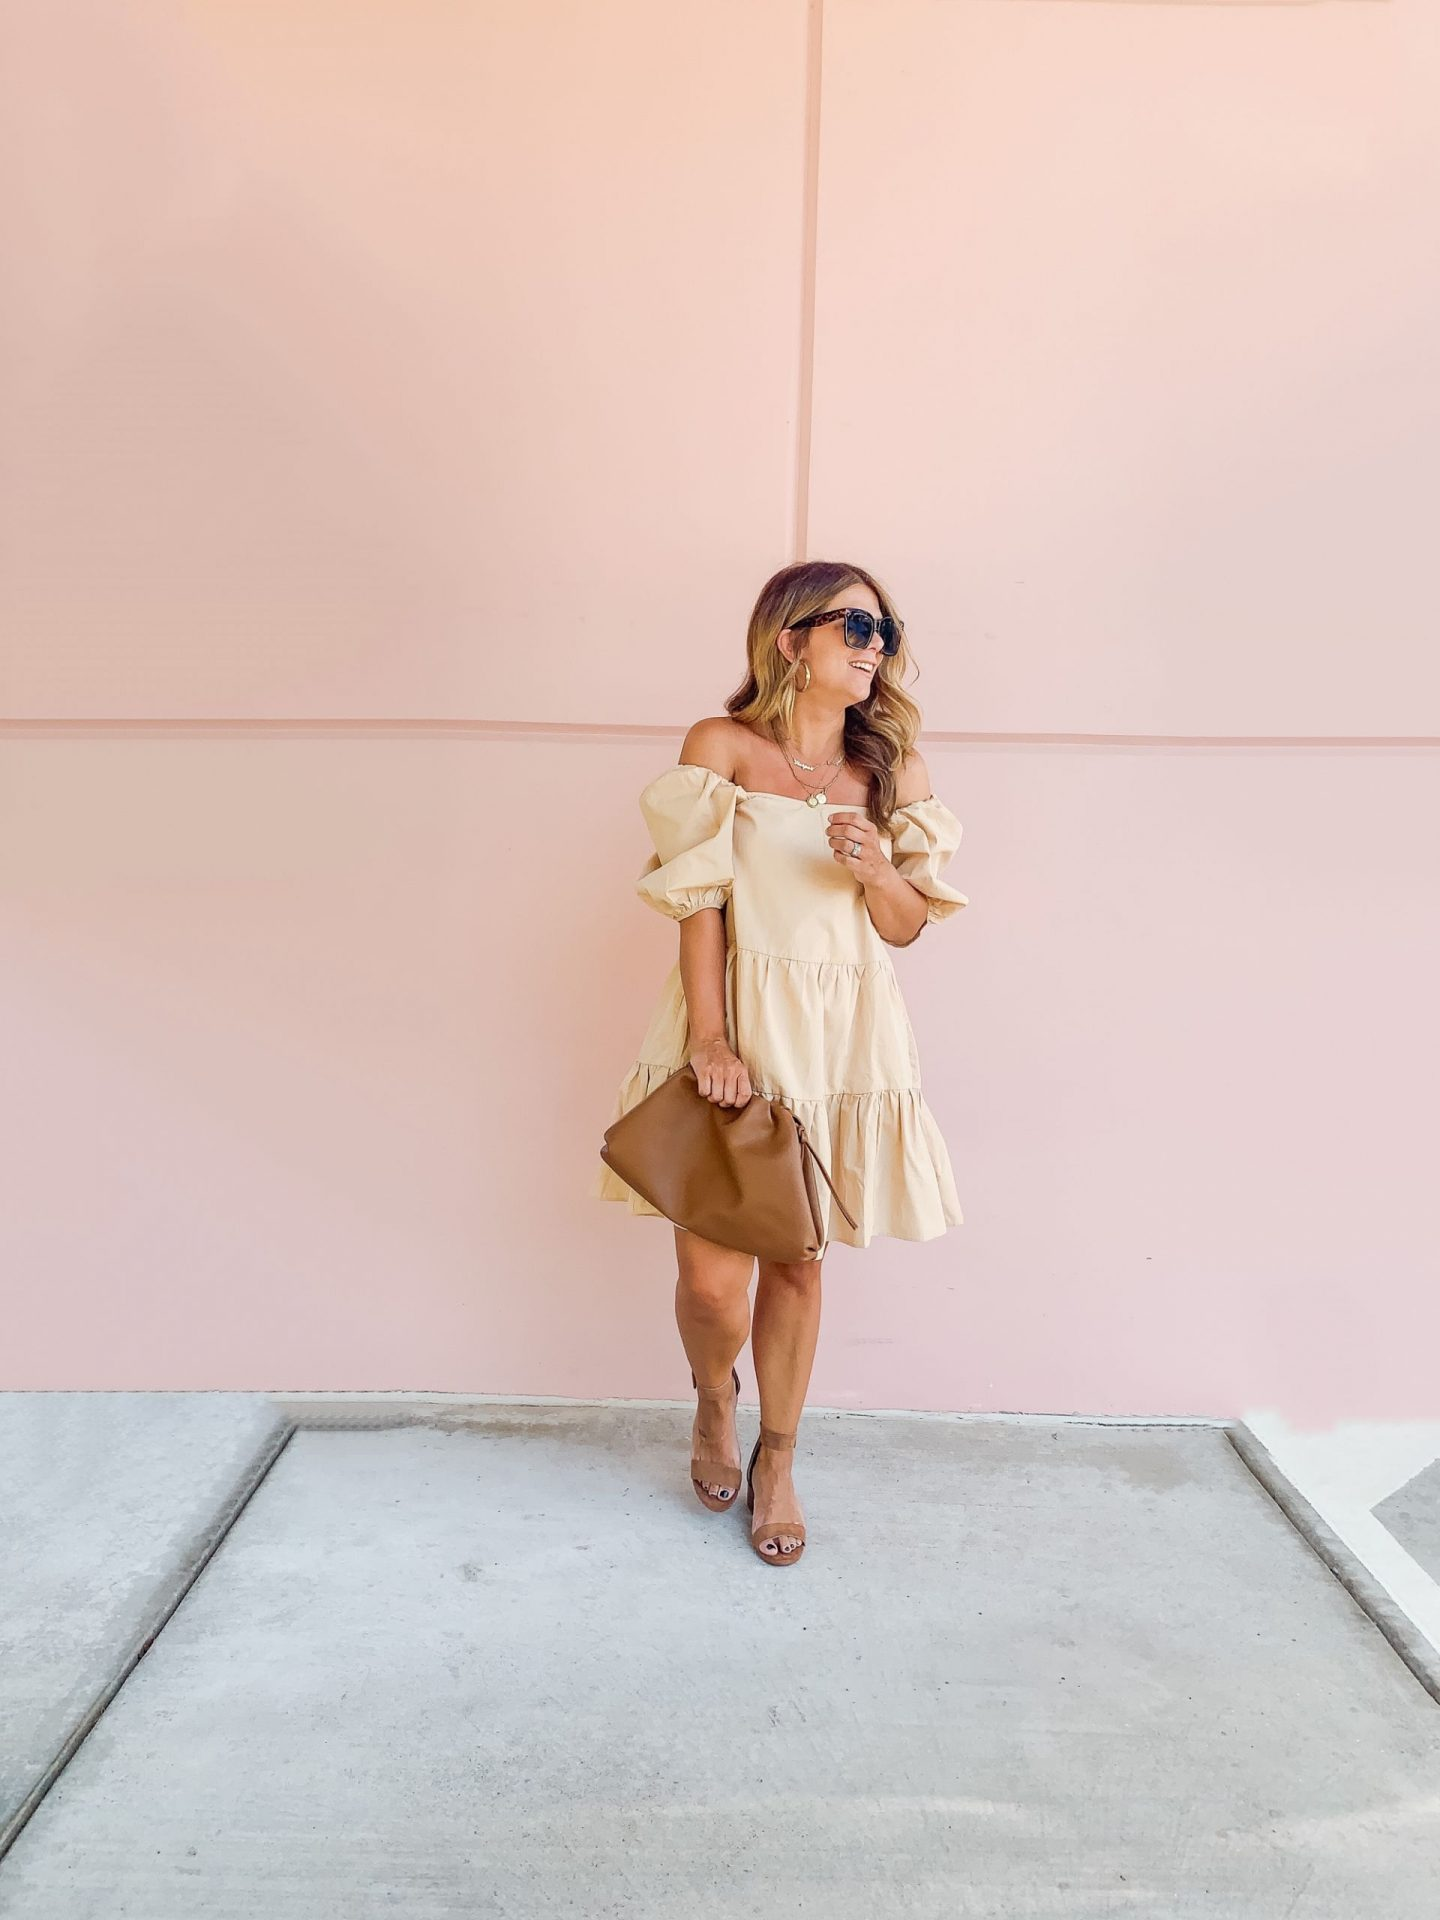 Puff Sleeve Dress, Summer Style, Summer Neutrals, H&M, Cloud Bag, Pink Wall